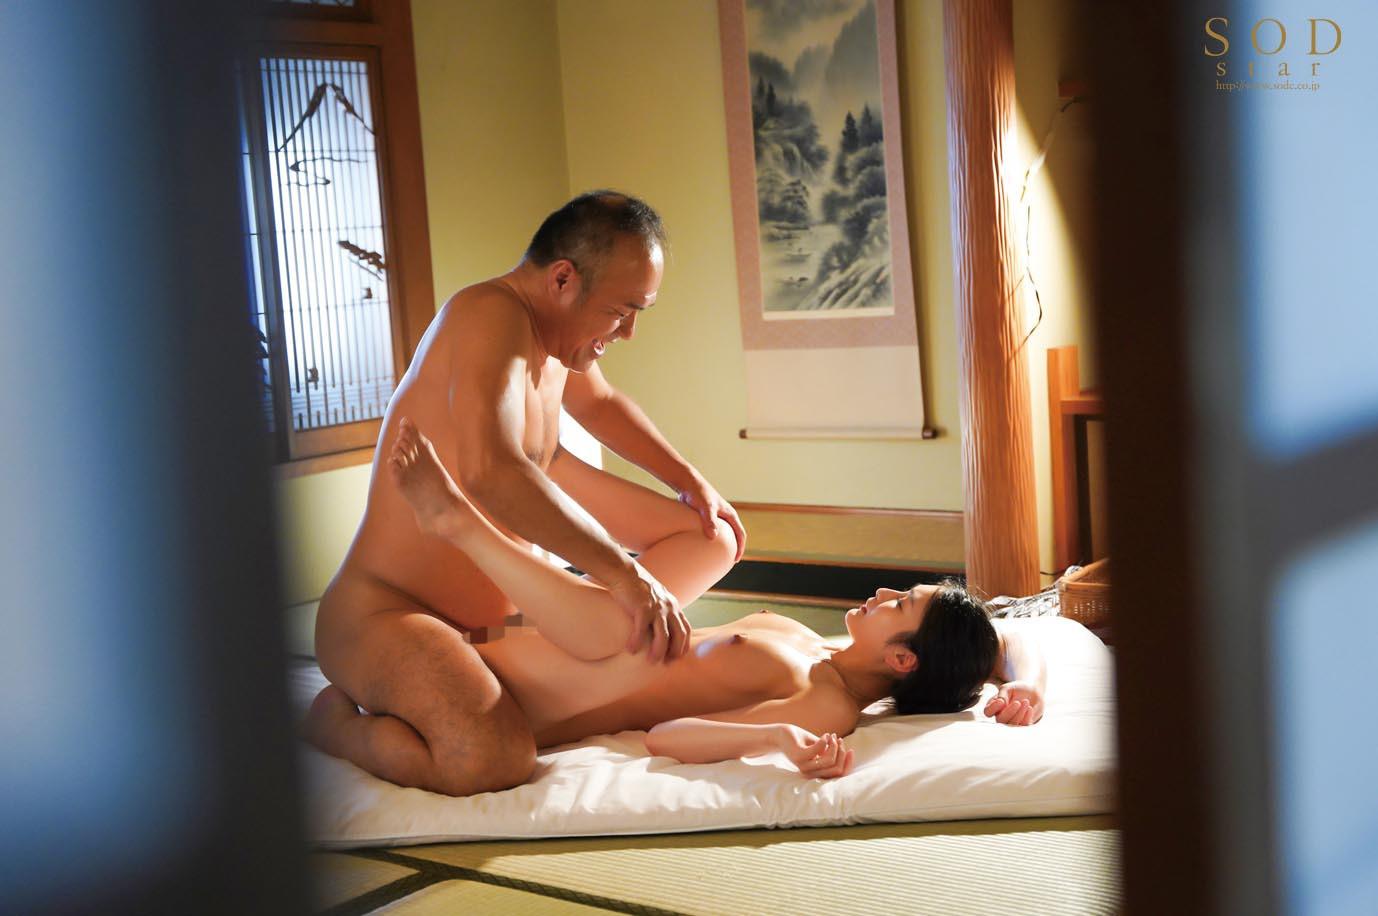 混浴社員旅行NTR 温泉好きな会社の先輩たちと、貸切家族風呂に行ったら僕の妻が滅茶苦茶に犯されてしまいました・・・。 本庄鈴 画像16